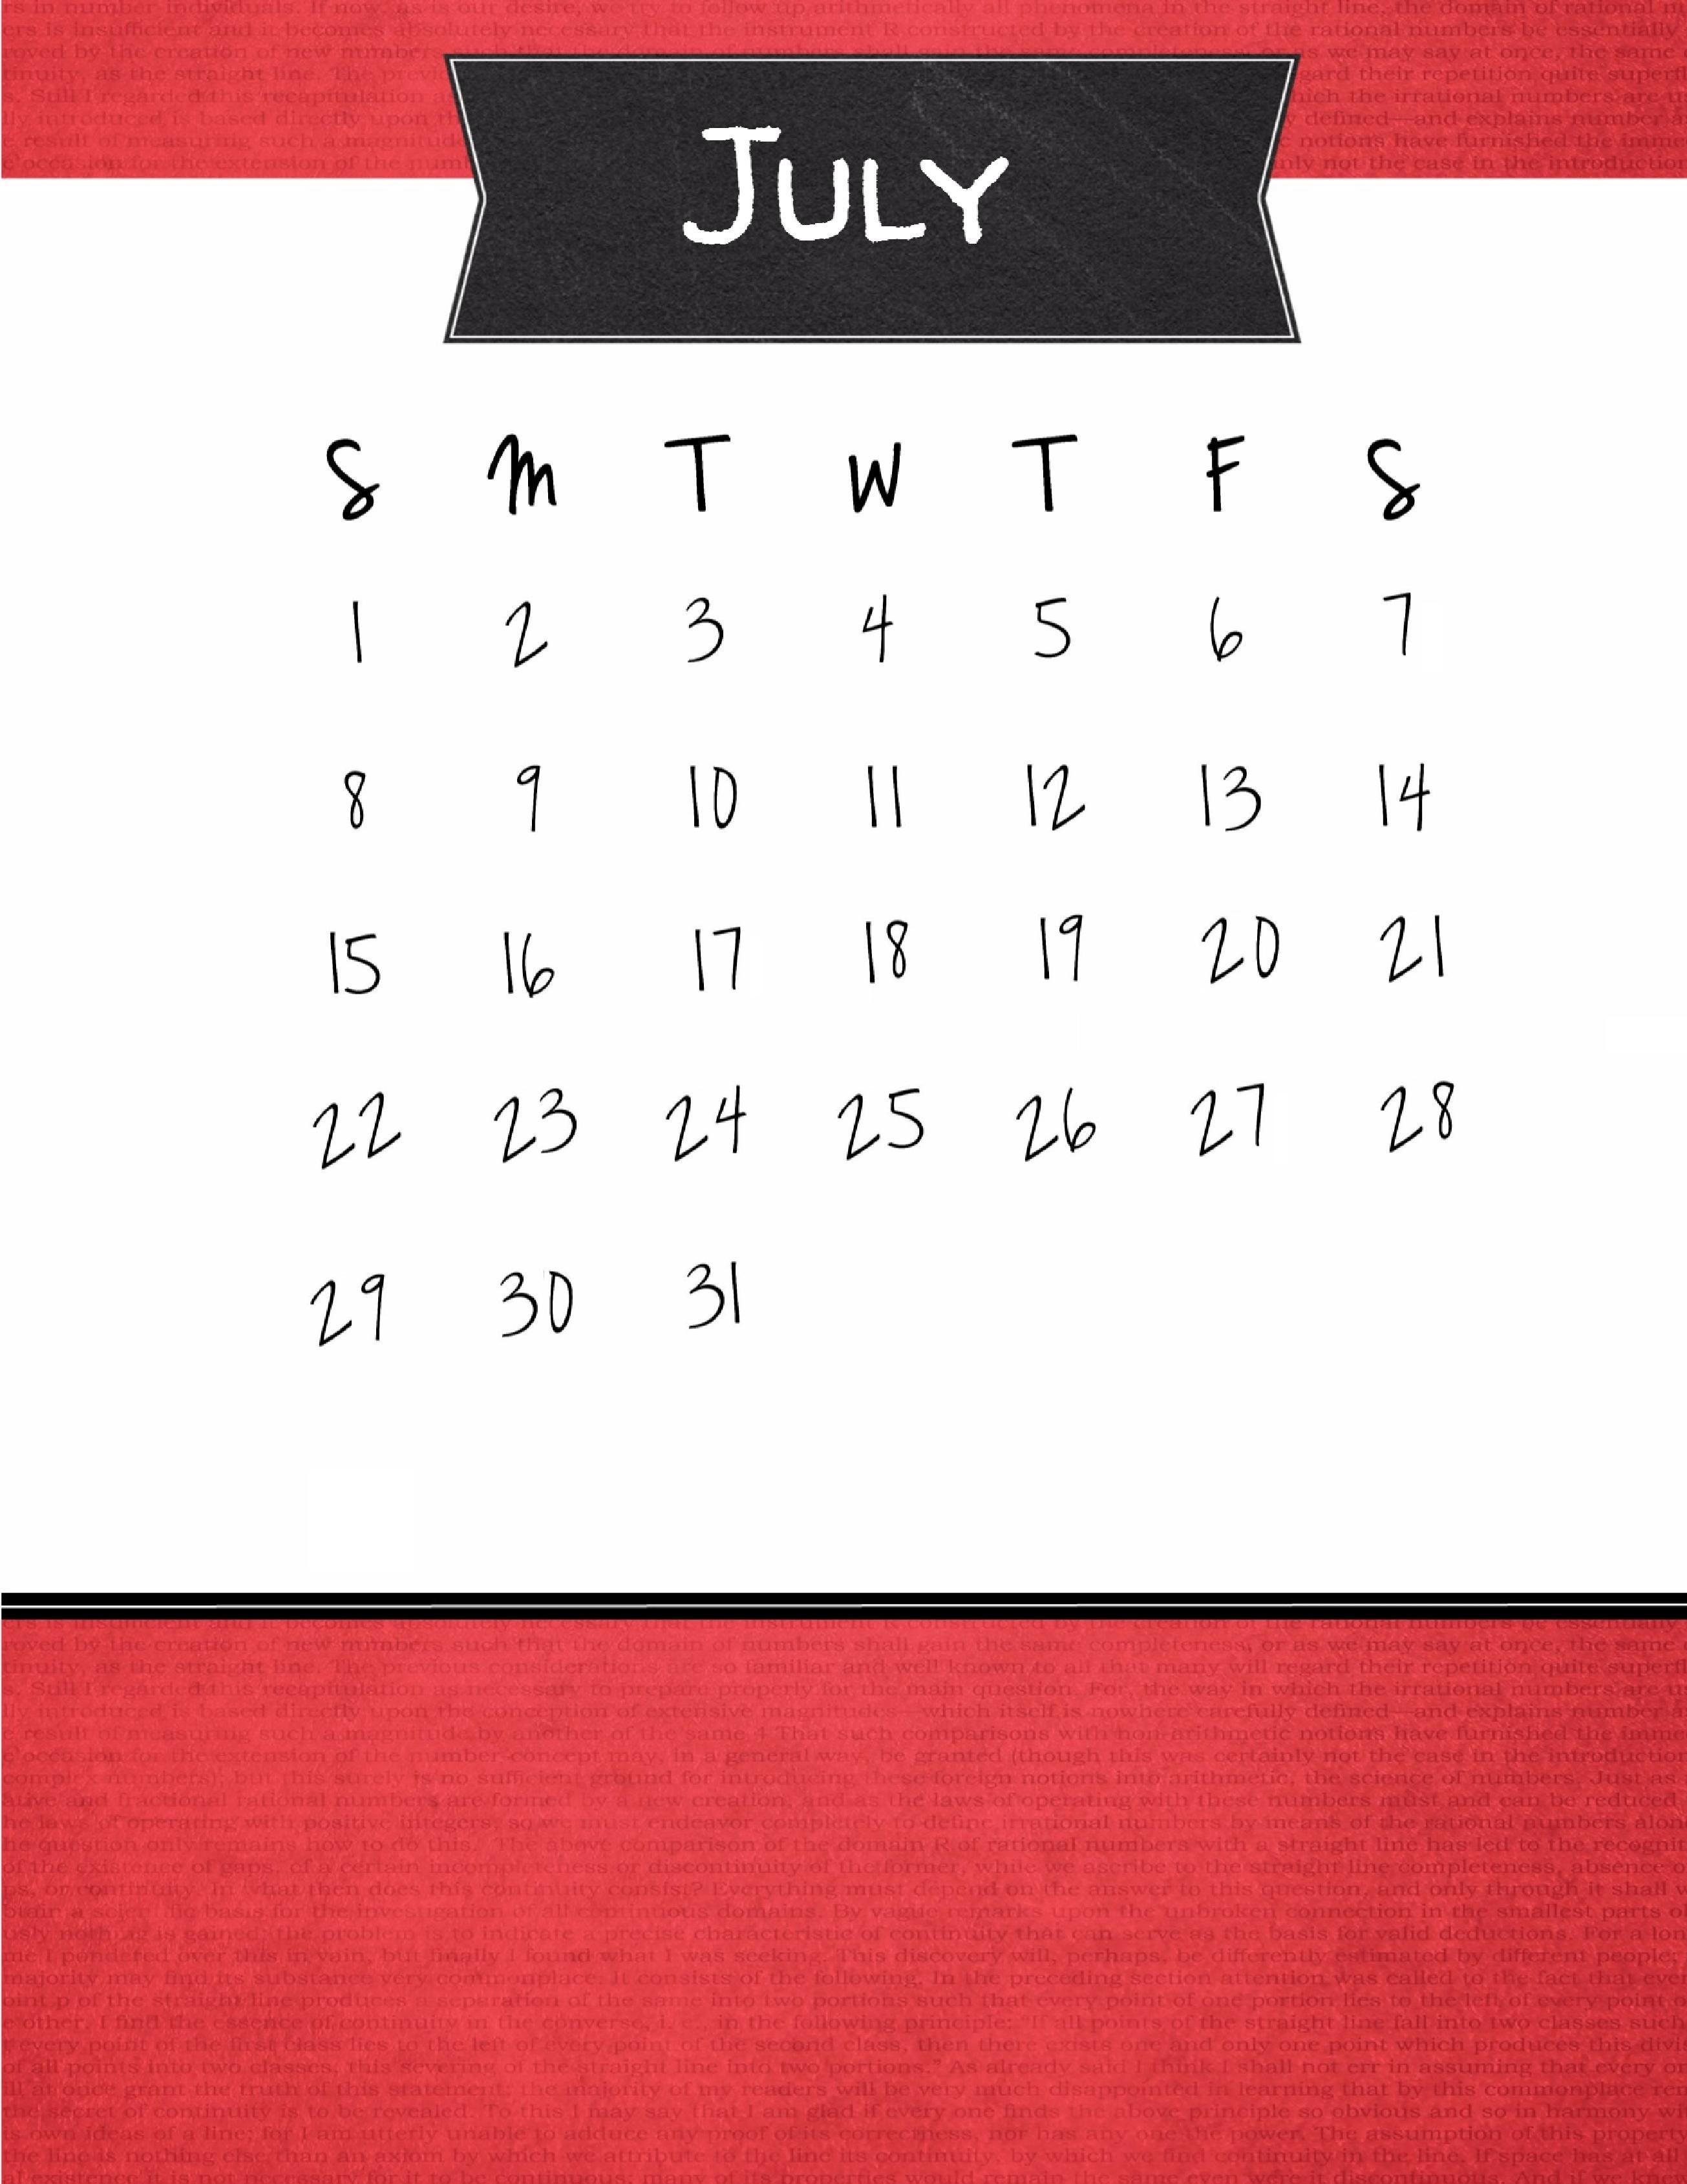 july 2018 online calendar maker maxcalendars pinterest